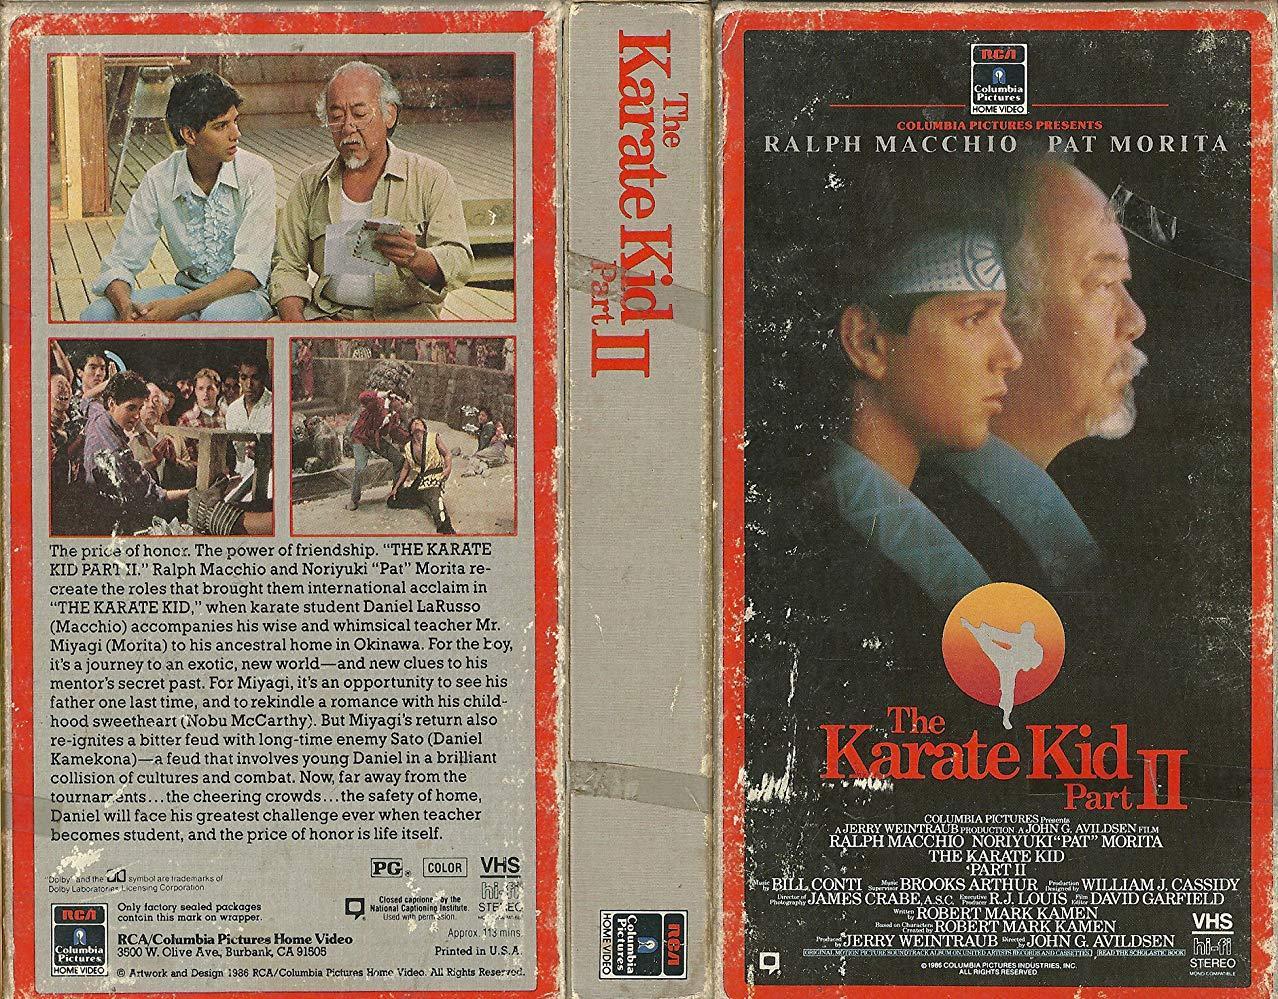 مشاهدة فيلم The Karate Kid Part II 1986 HD مترجم كامل اون لاين